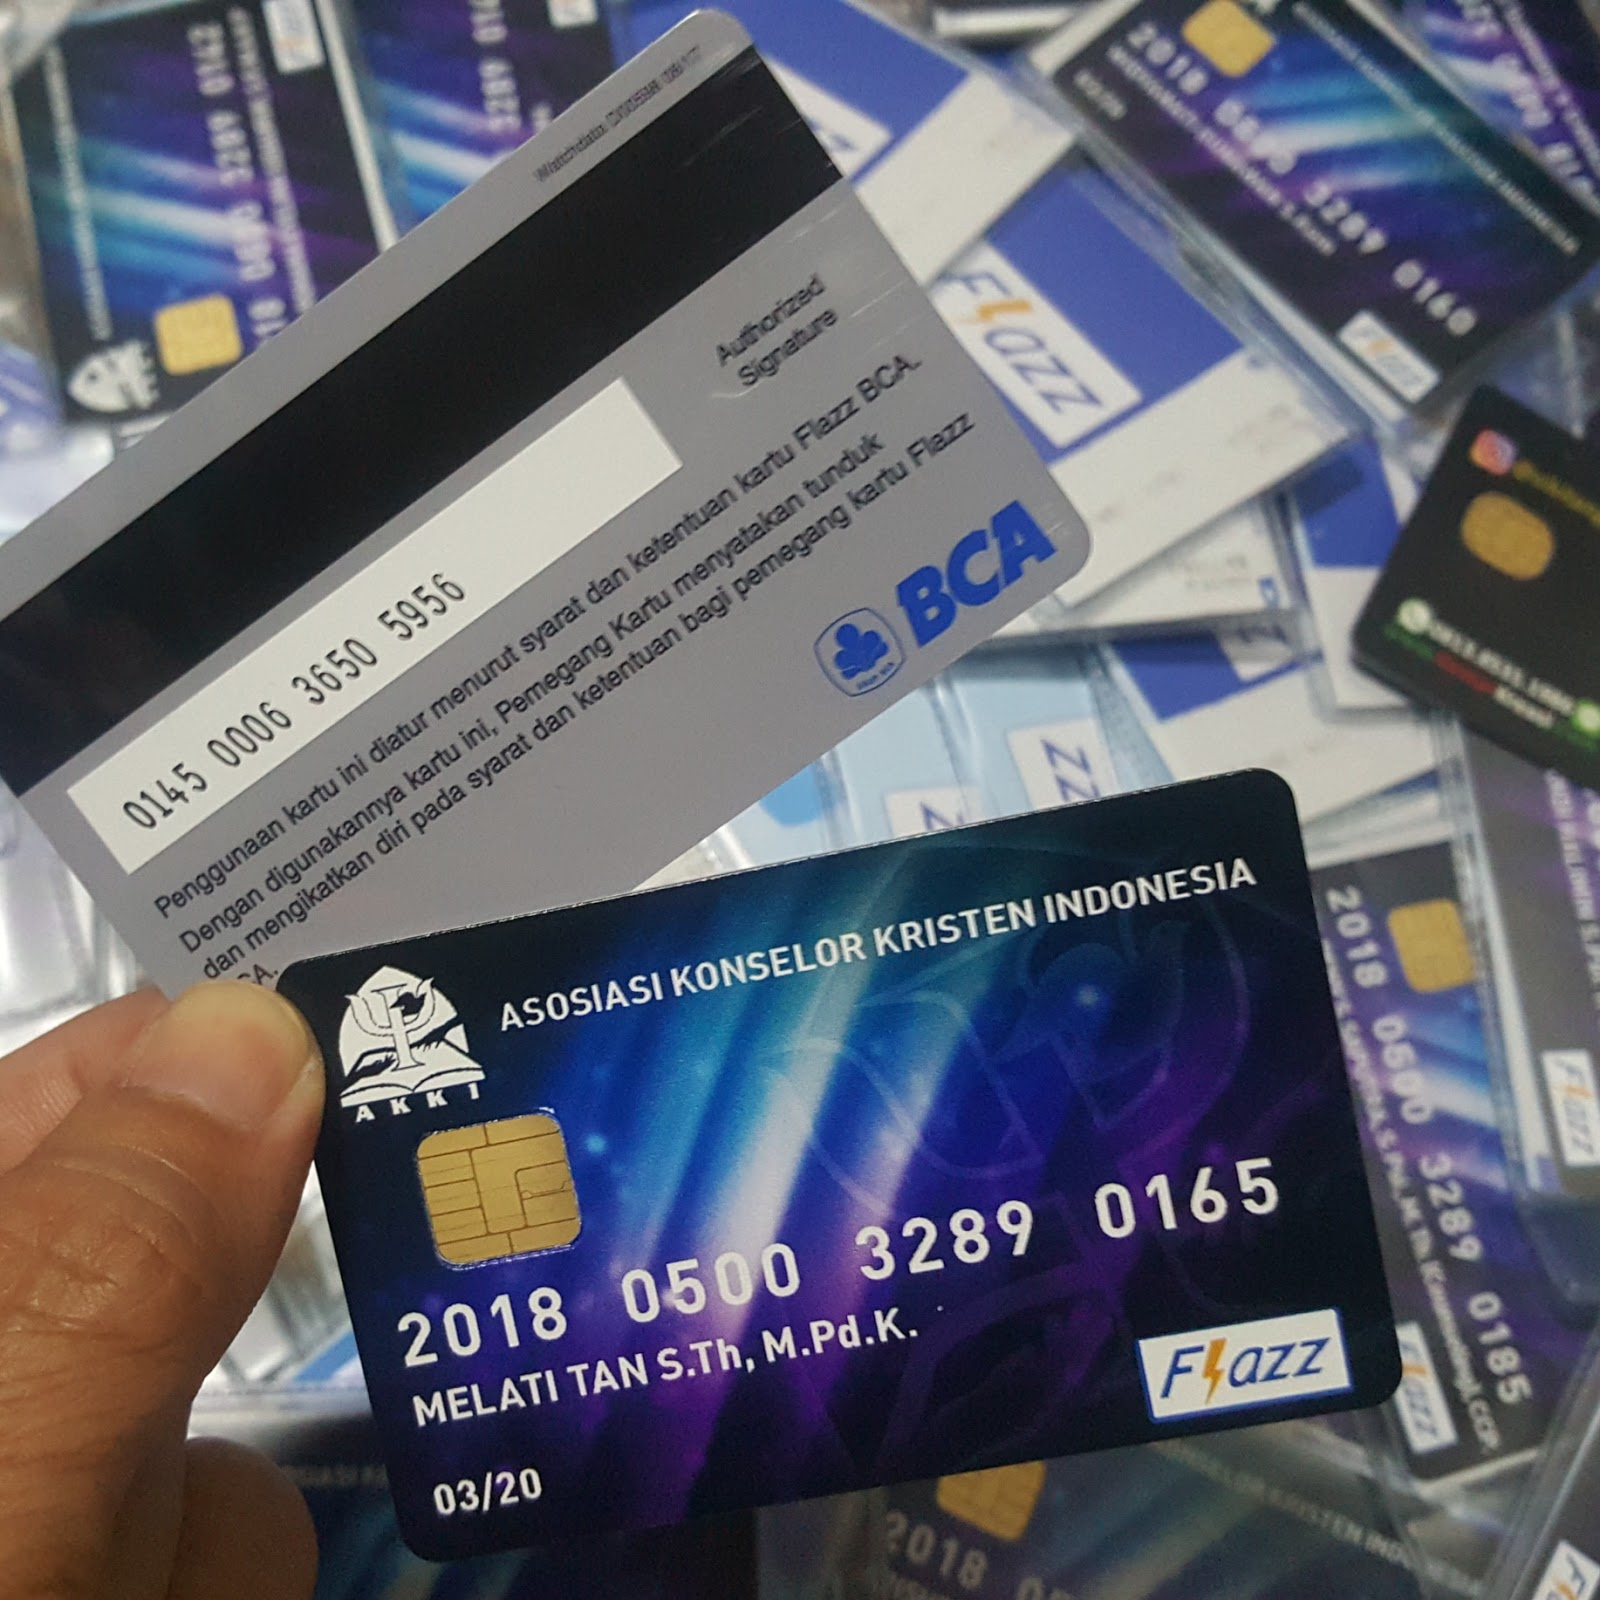 Hasil Produksi Custom Sikilang Shop Jasa Cetak Emoney Kartu E Money Toll Flazz Print Bca